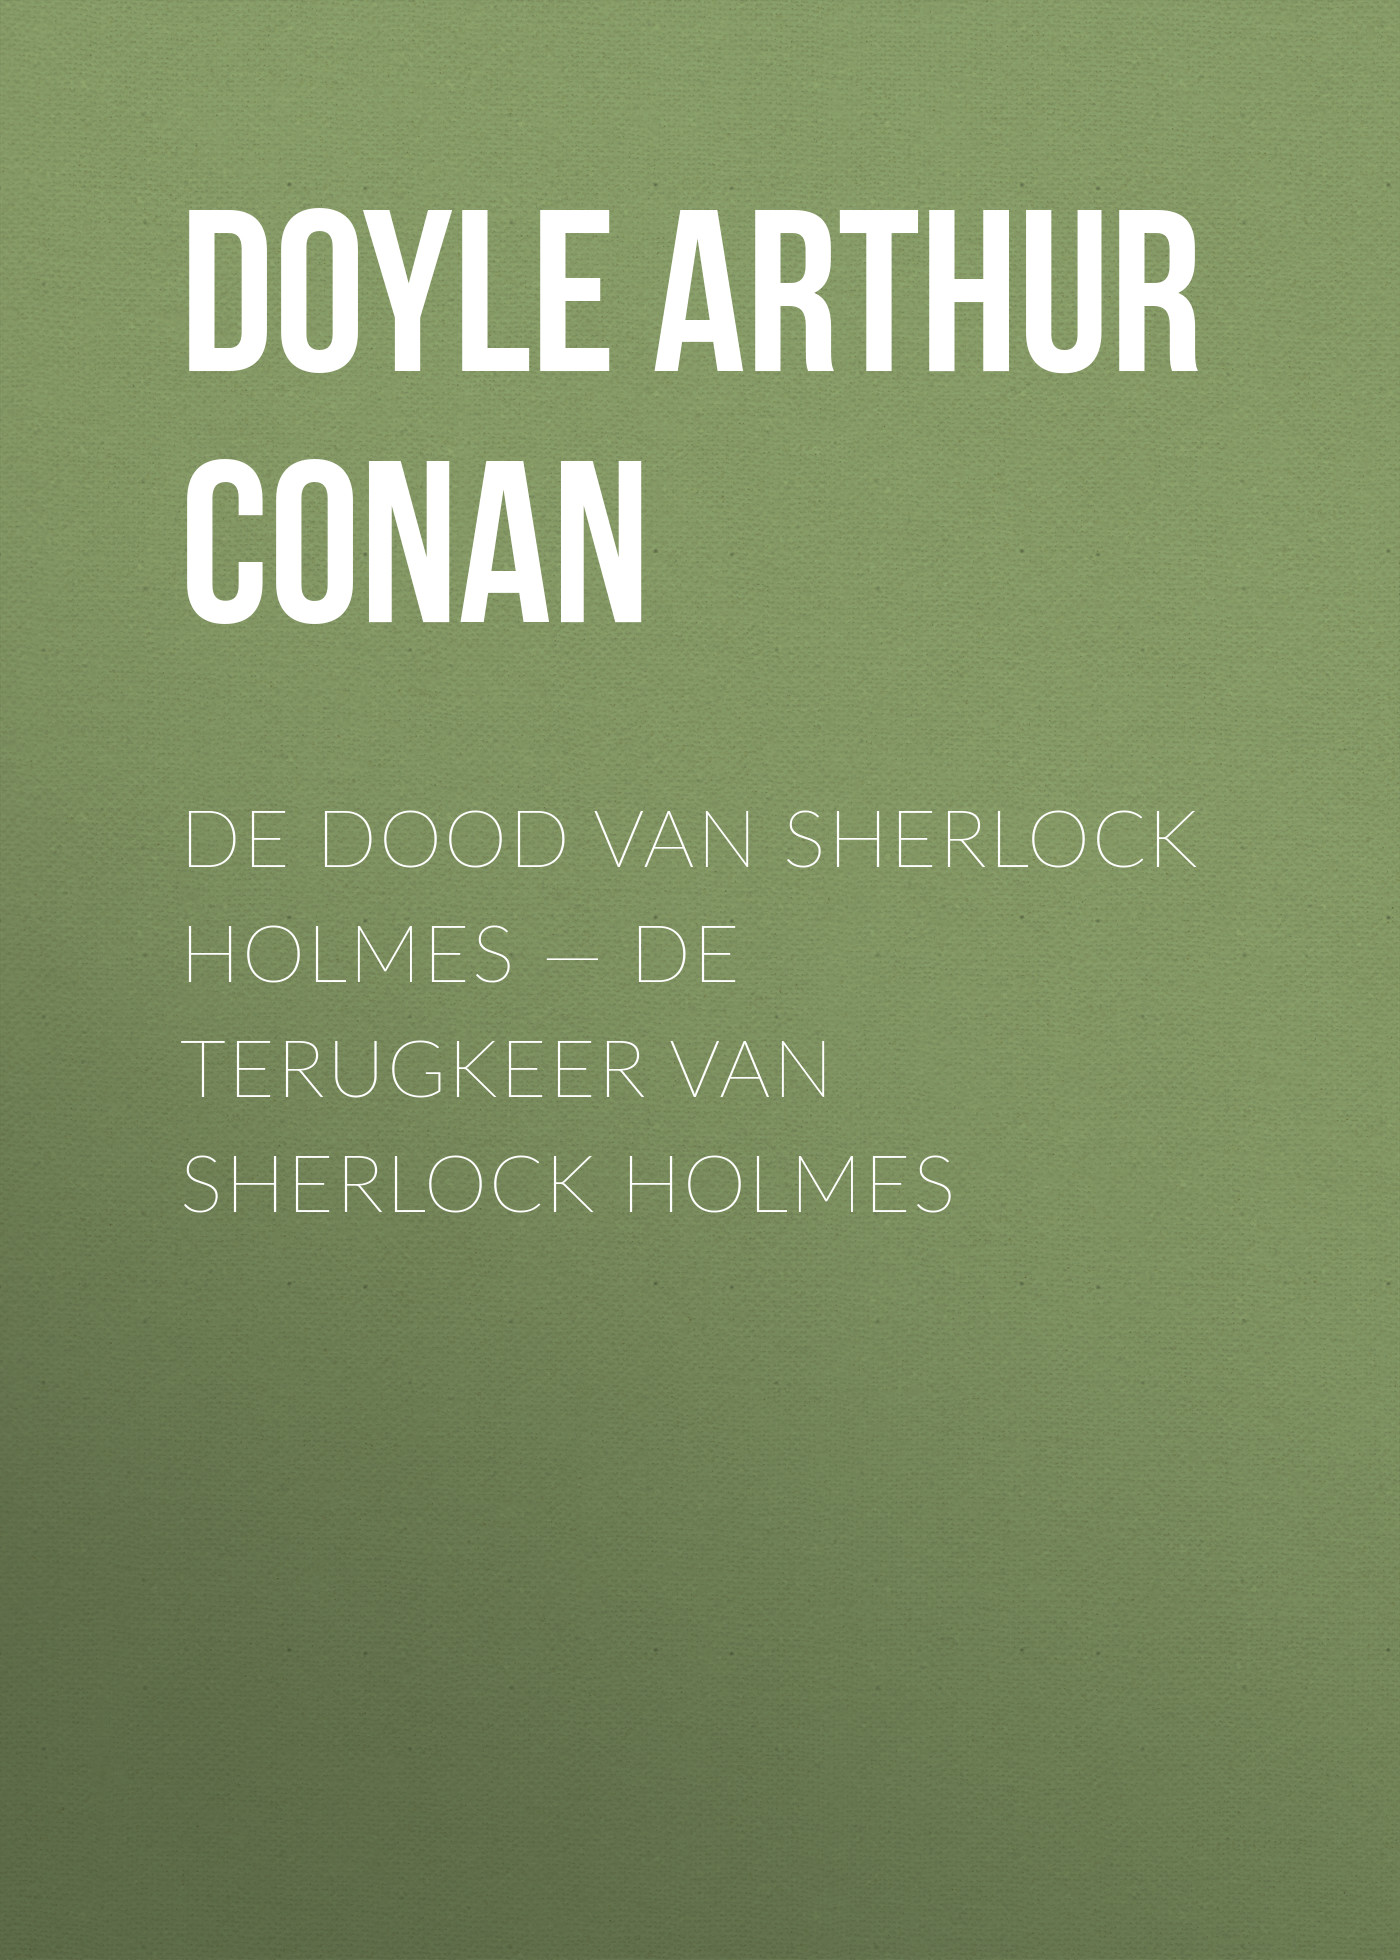 Doyle Arthur Conan De dood van Sherlock Holmes — De terugkeer van Sherlock Holmes doyle arthur conan sherlock holmes short stories